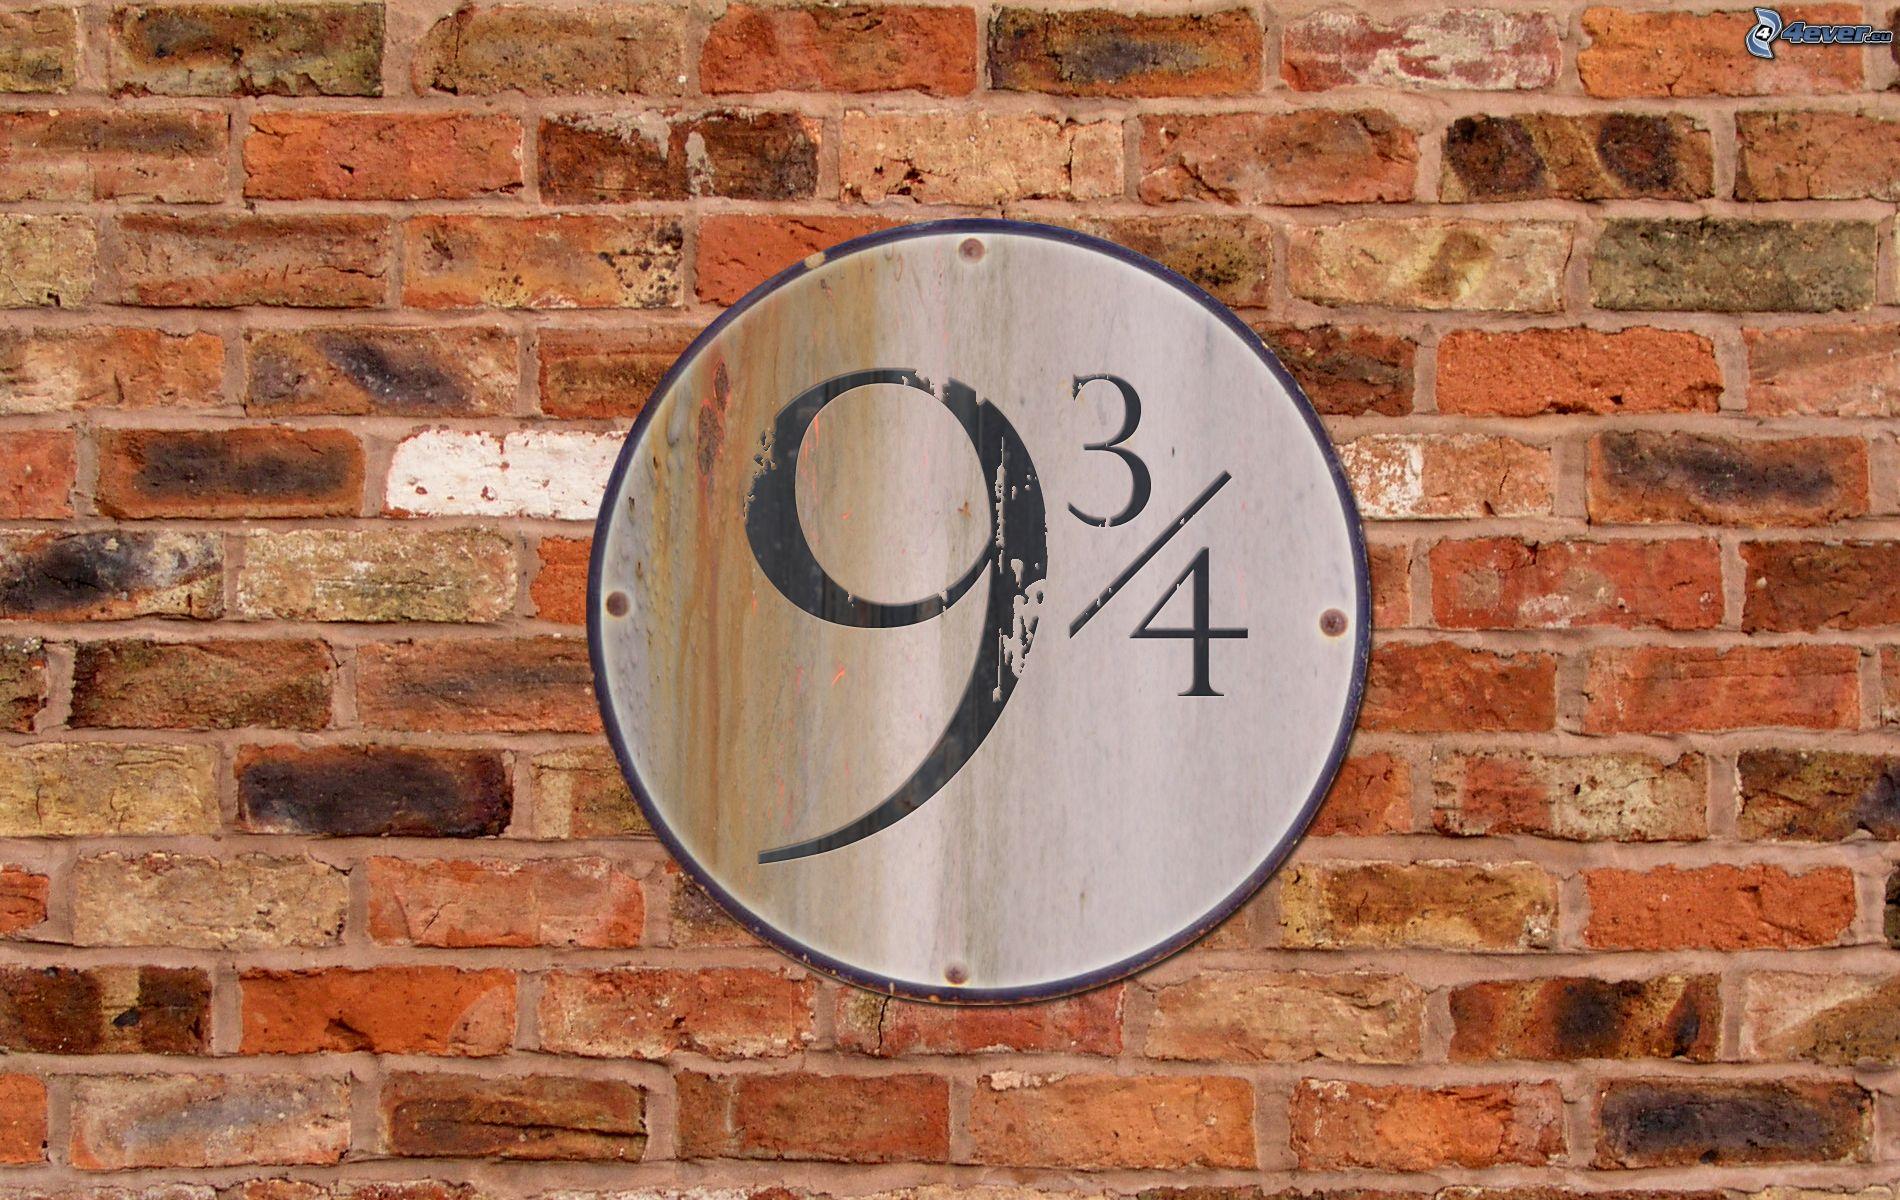 34 brick wall wallpaper - photo #34